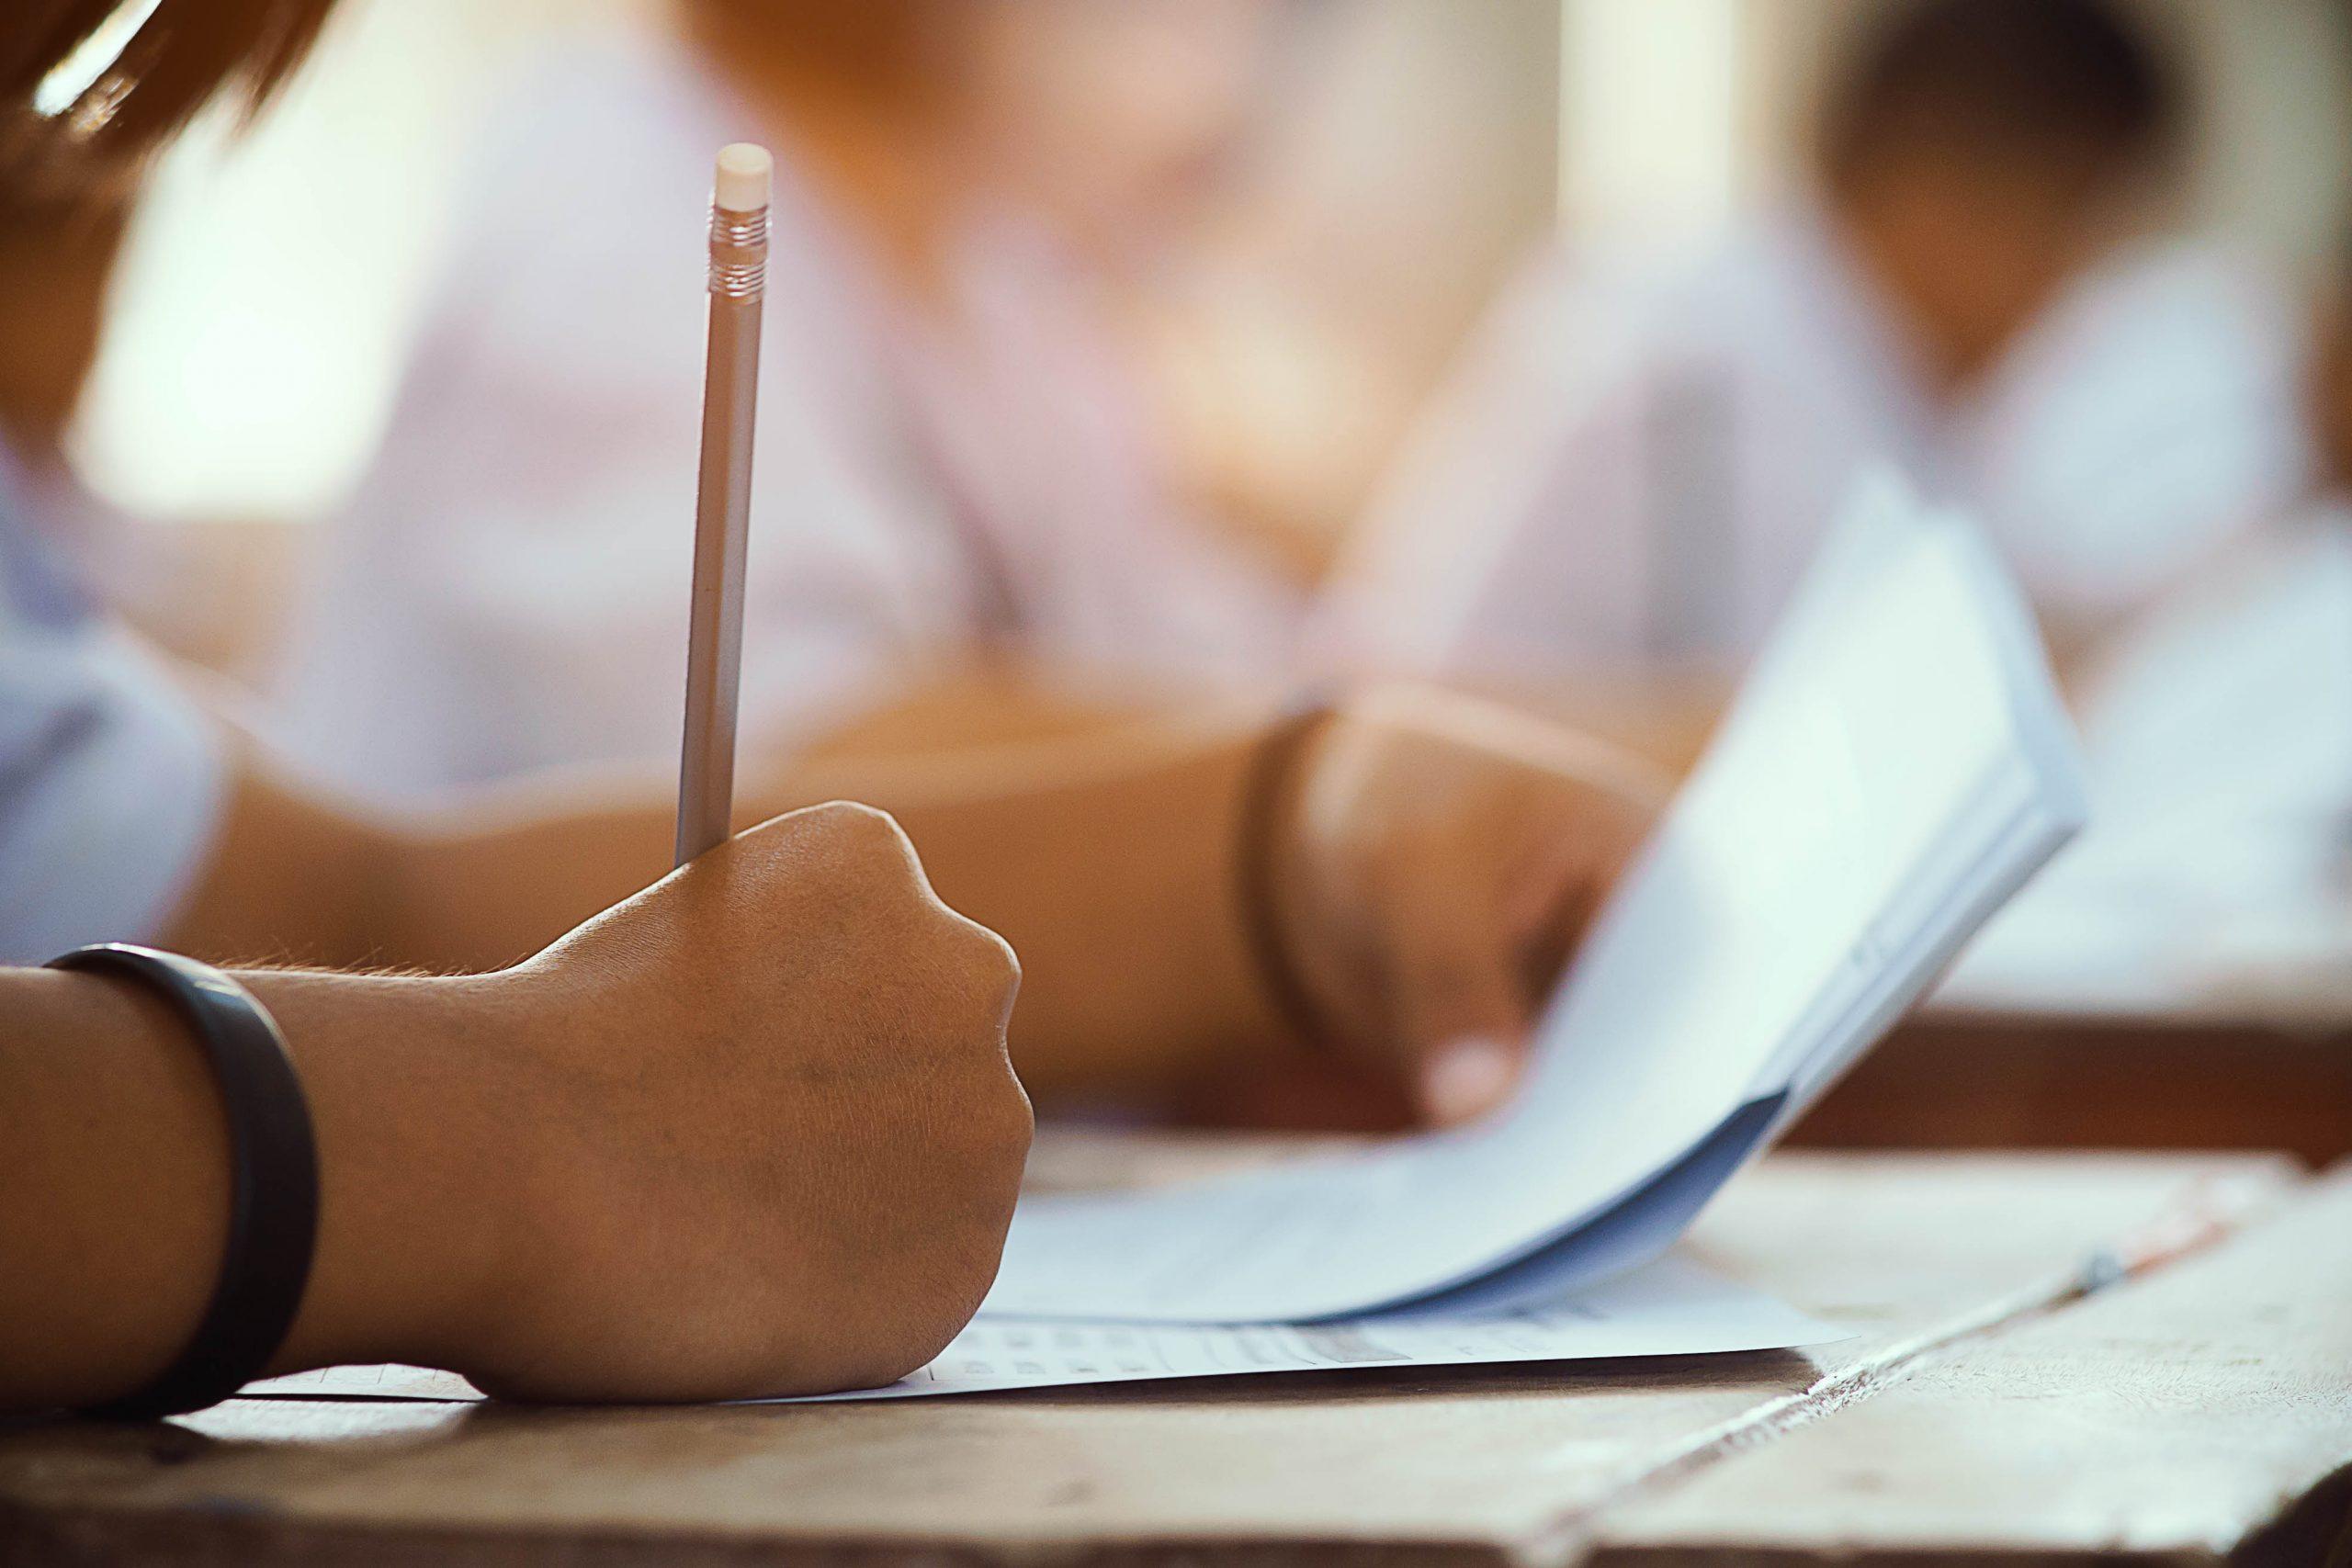 Listes des étudiants par centre d'examen (Filière, Semestre, Module) Semestre Printemps 2020